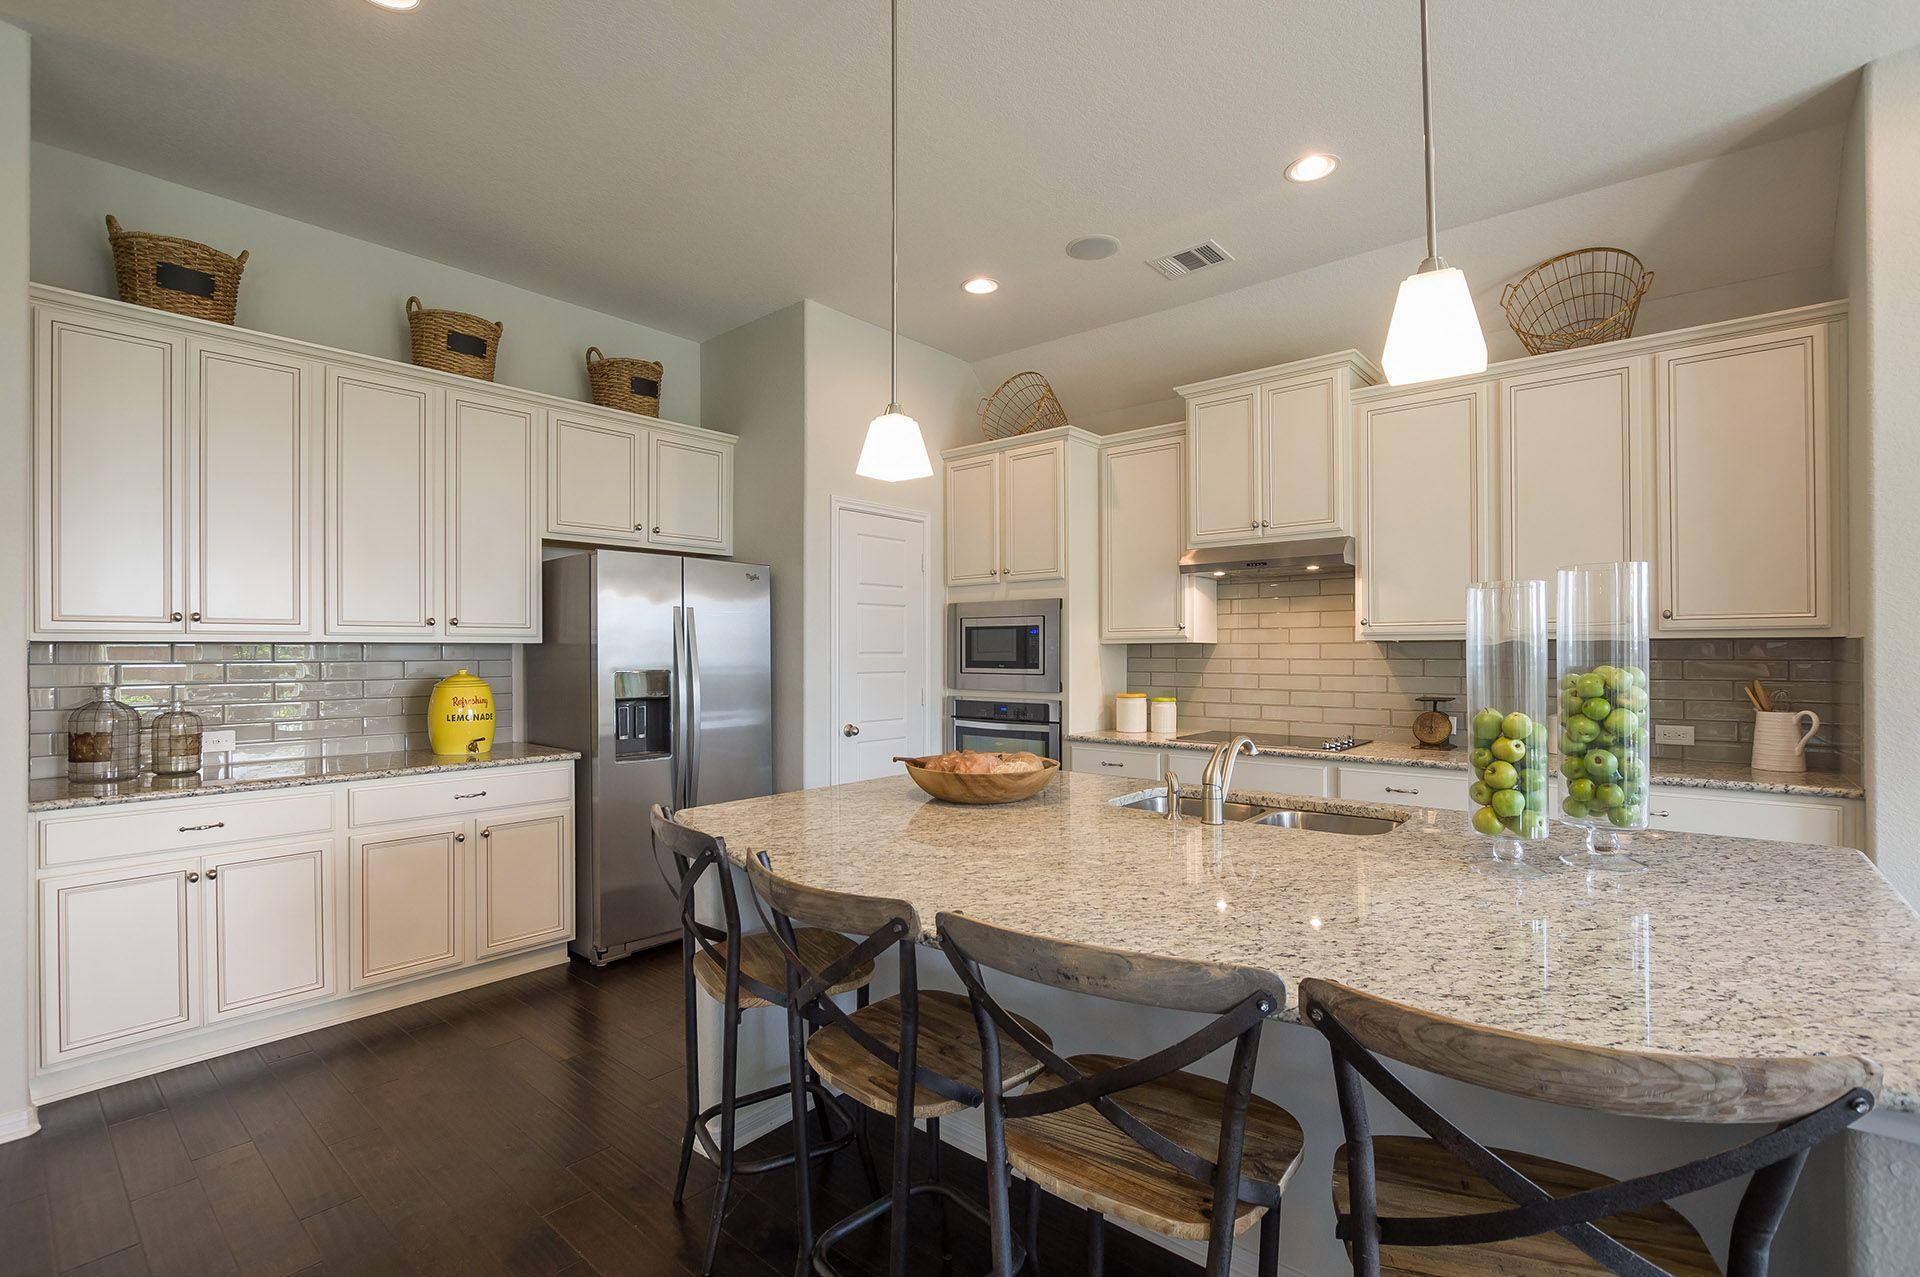 Custom cabinetry, granite countertops, and subway tile backsplash ...